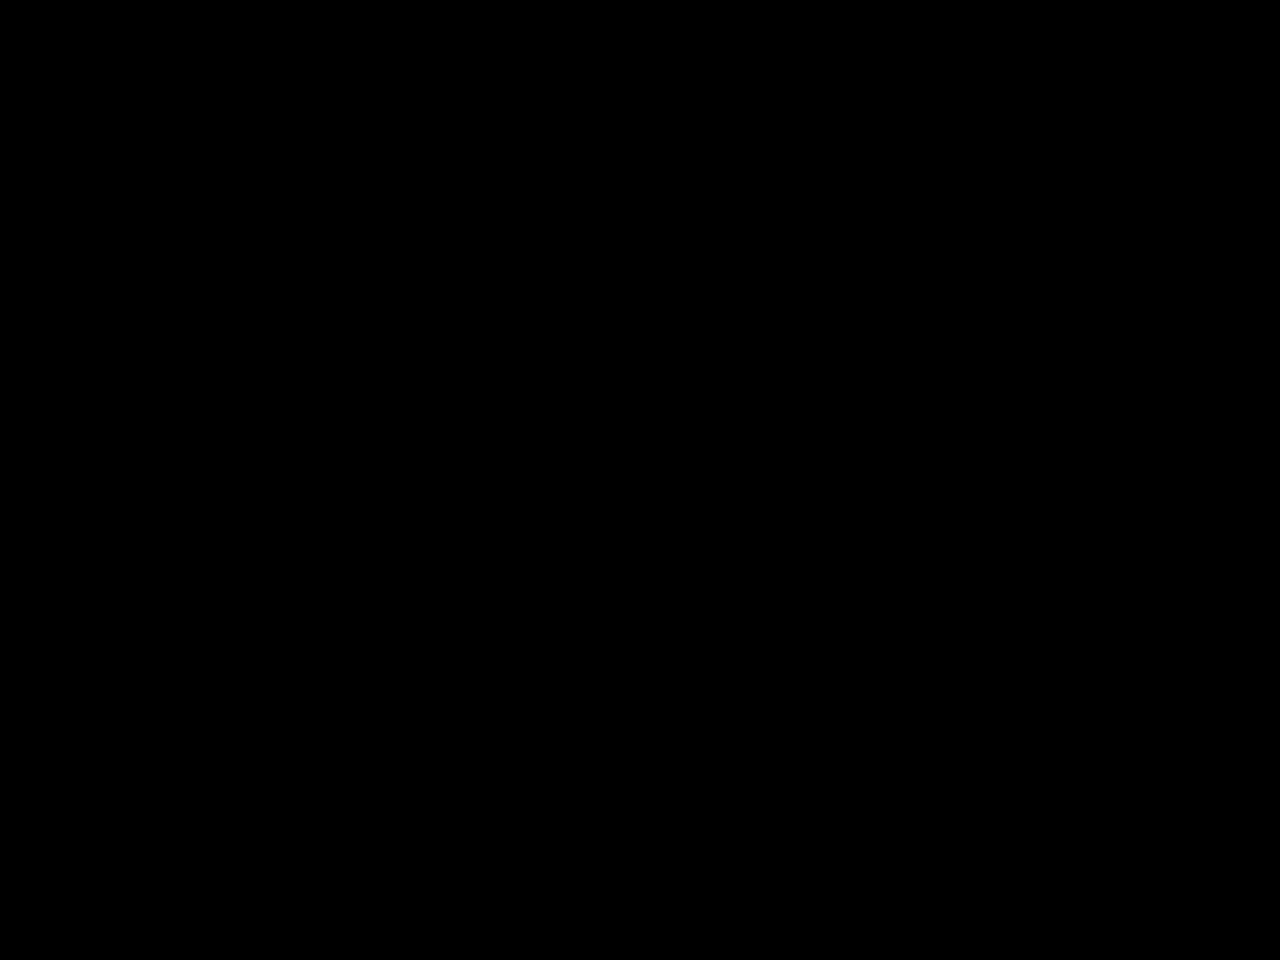 фото2 Масло подсолнечное рафинированное дезодорированное